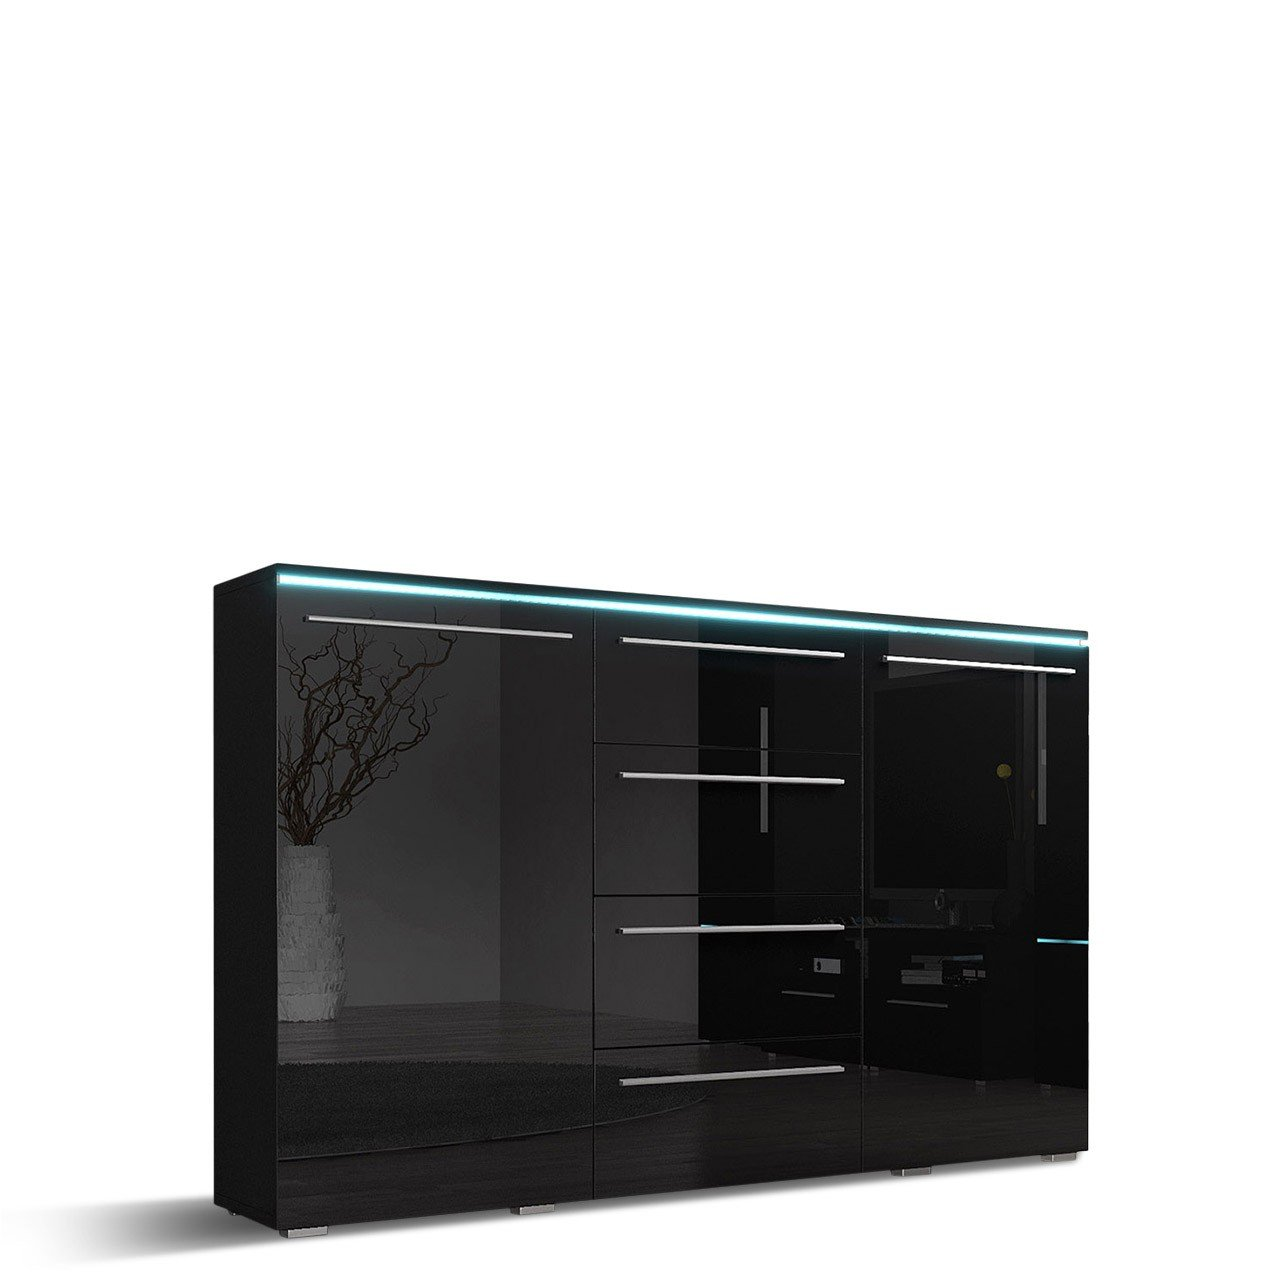 Mirjan24  Kommode Sideboard Bergamo mit 4 Schubladen, Highboard, Anrichte, Mehrzweckschrank, Wohnzimmerschrank, Schrank, Wohnzimmer (mit RGB LED Beleuchtung, Schwarz/Schwarz Hochglanz)